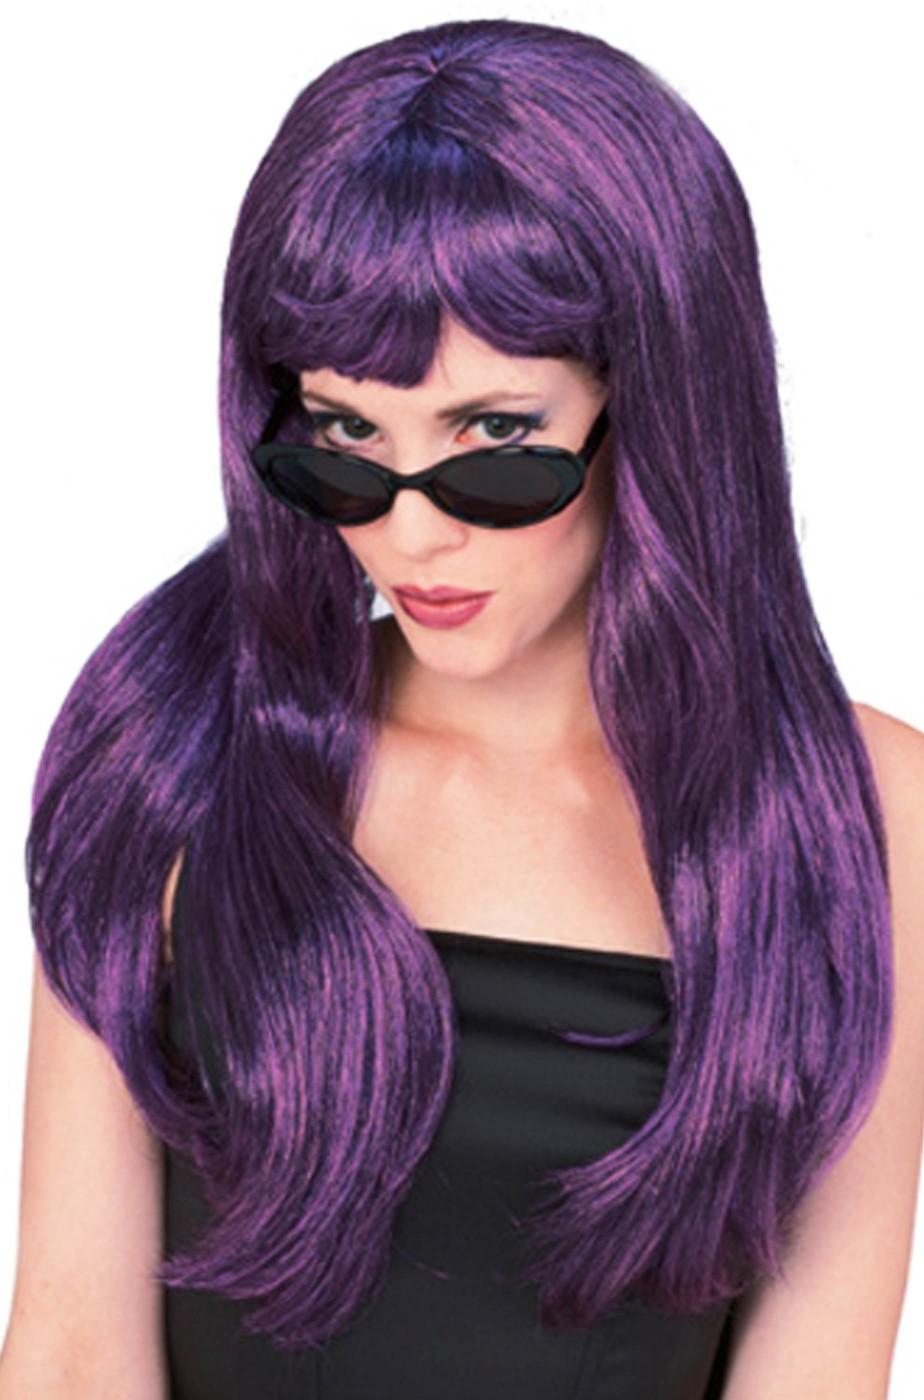 Parrucca donna viola/nera lunga liscia con frangia